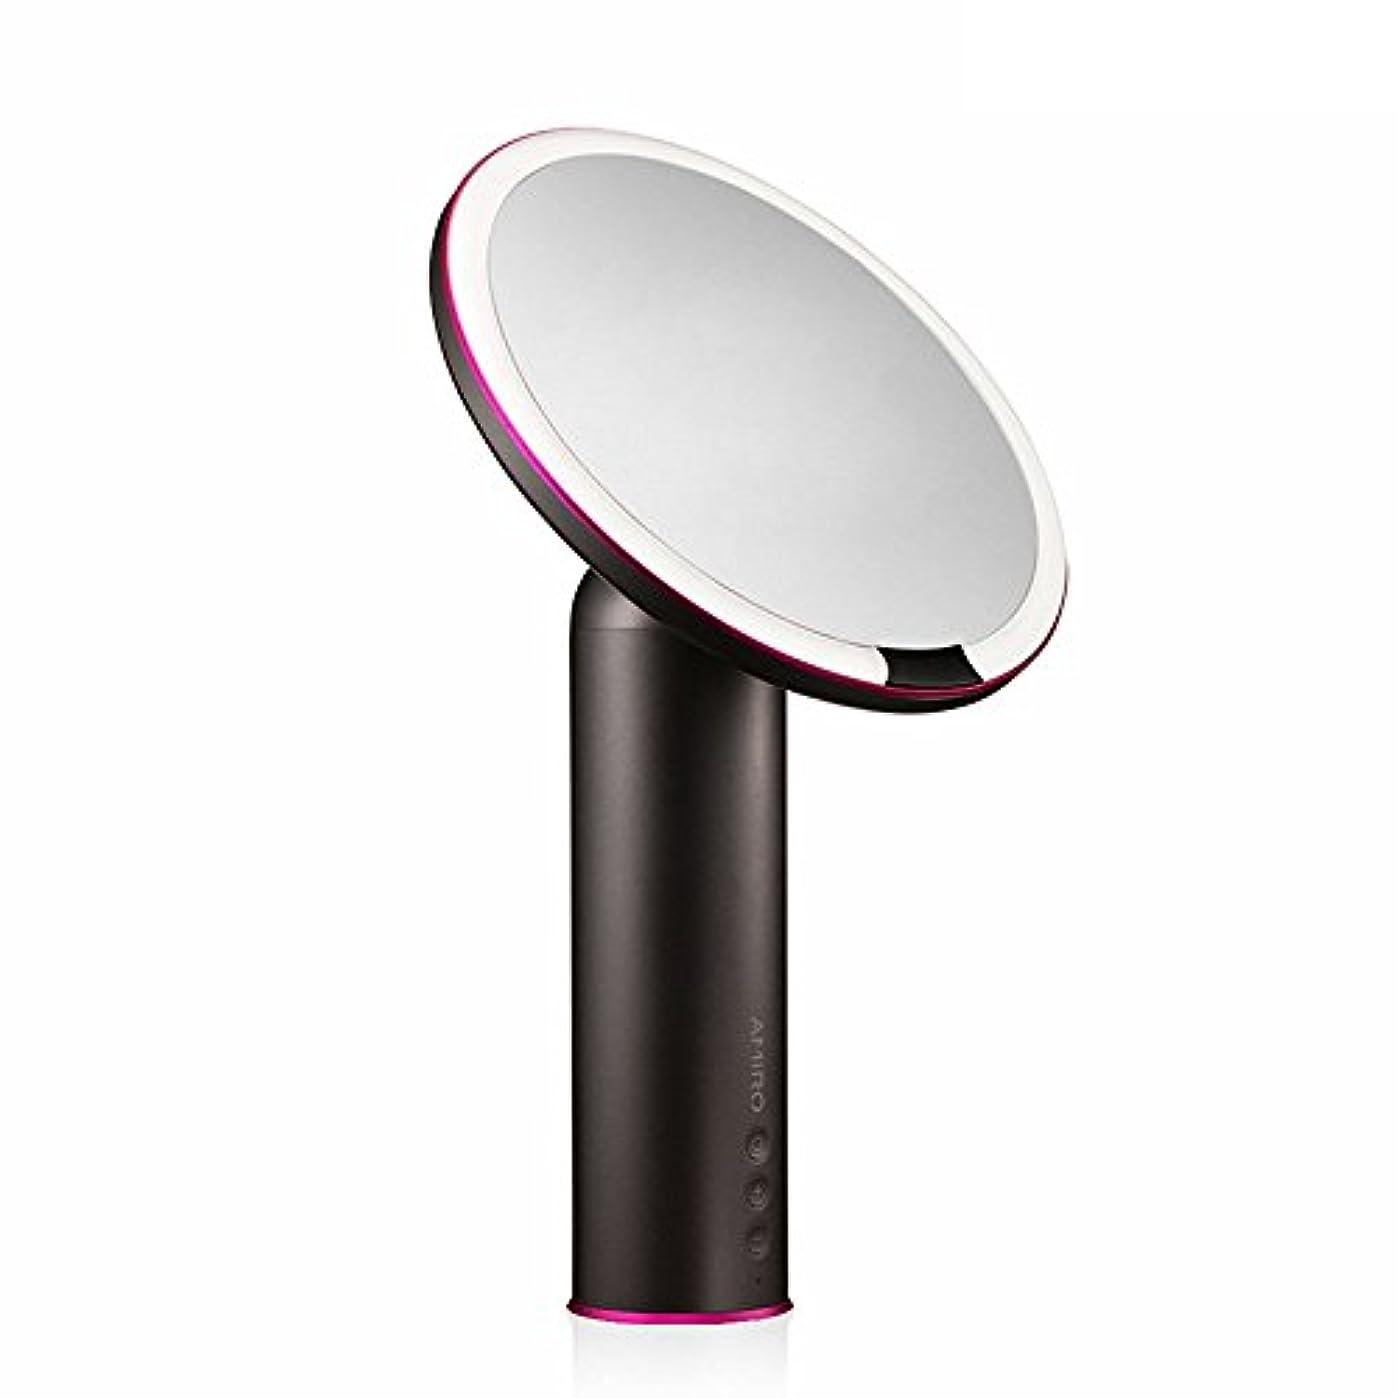 回転賢明な不機嫌AMIRO LED化粧鏡 人感センサー付き 化粧ミラー LEDライト付き 卓上鏡 女優ミラー 3段階明るさ調節可能 コードレス 充電式